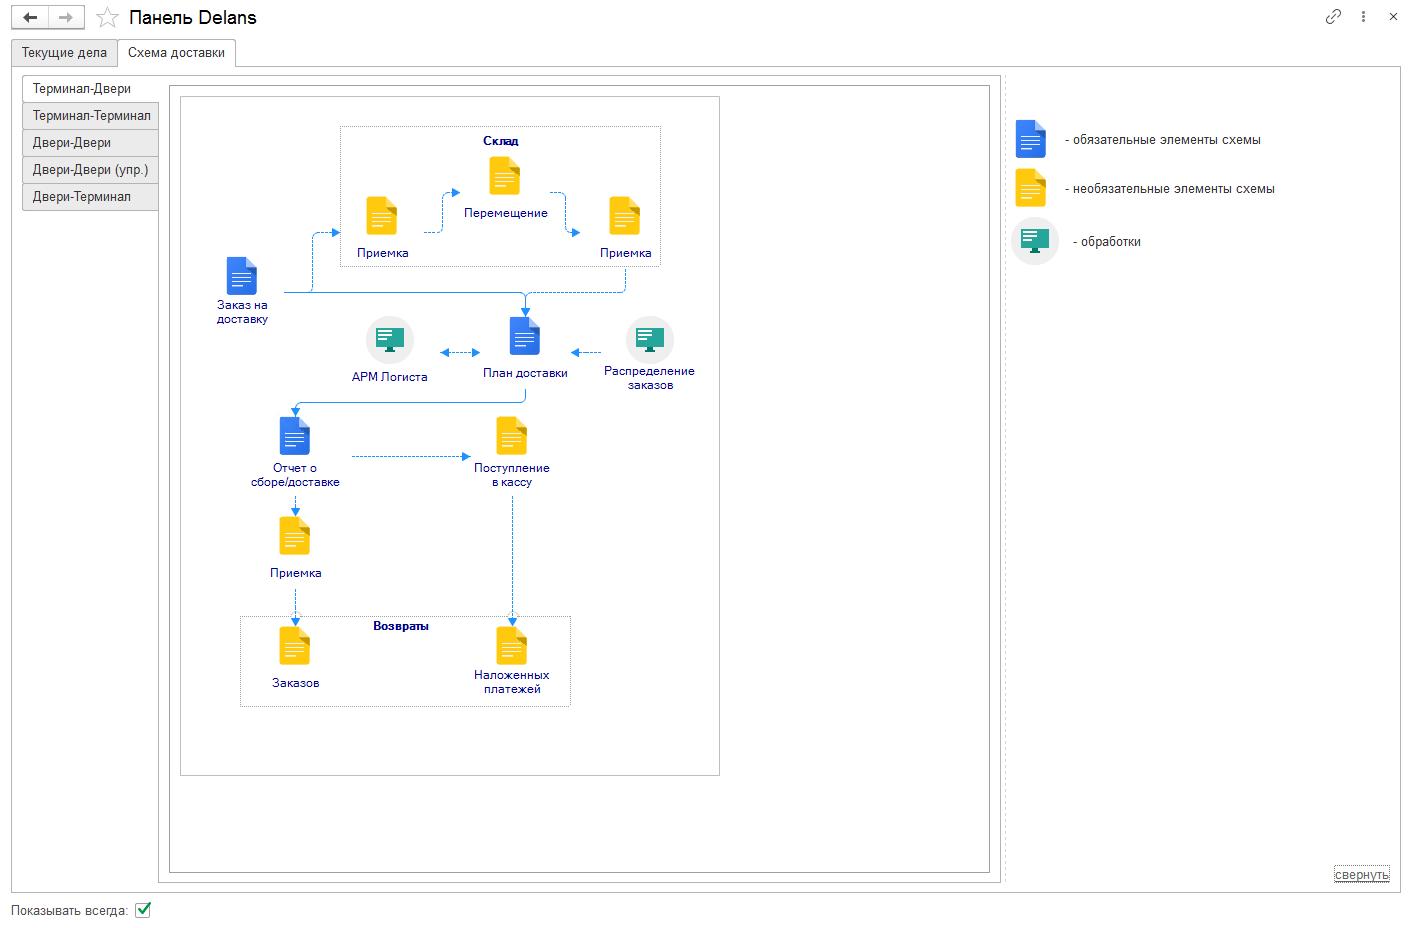 Схема доставок